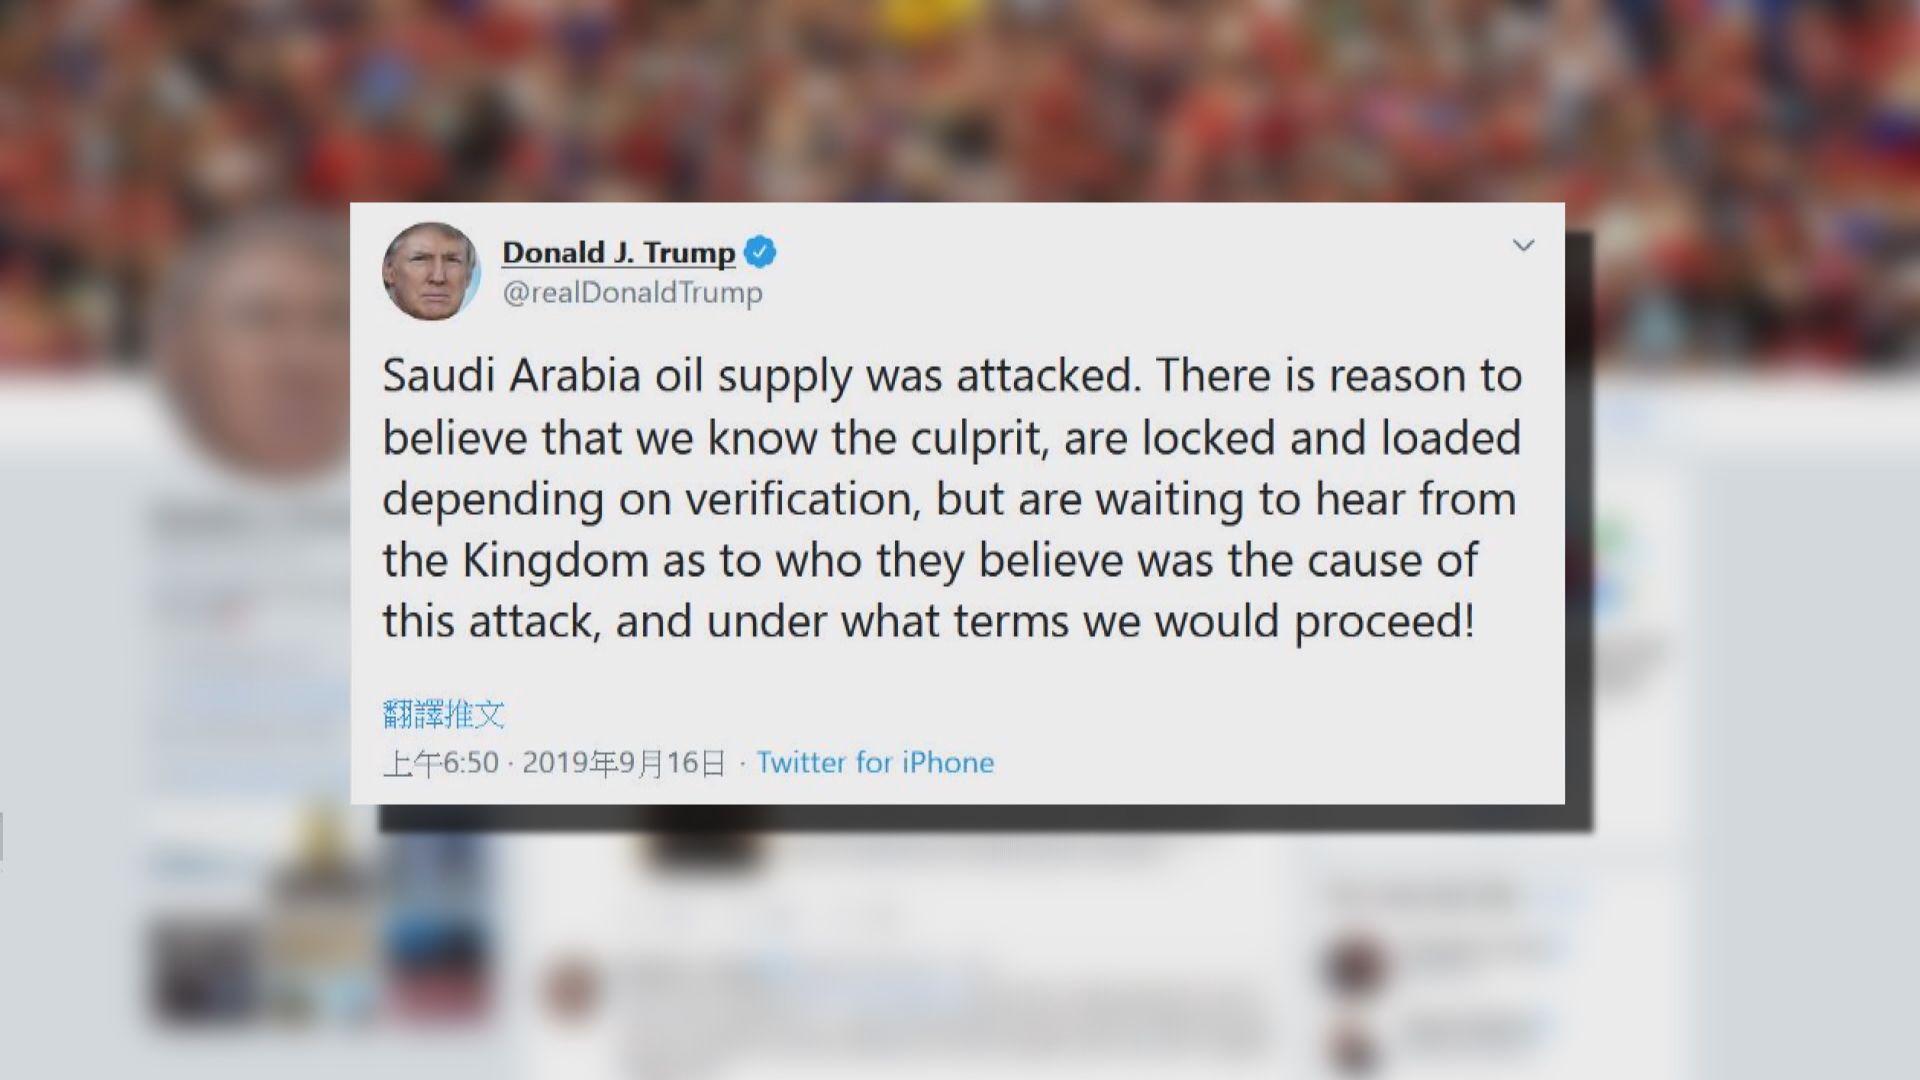 美方提理據認定沙特油廠遇襲是伊朗所為